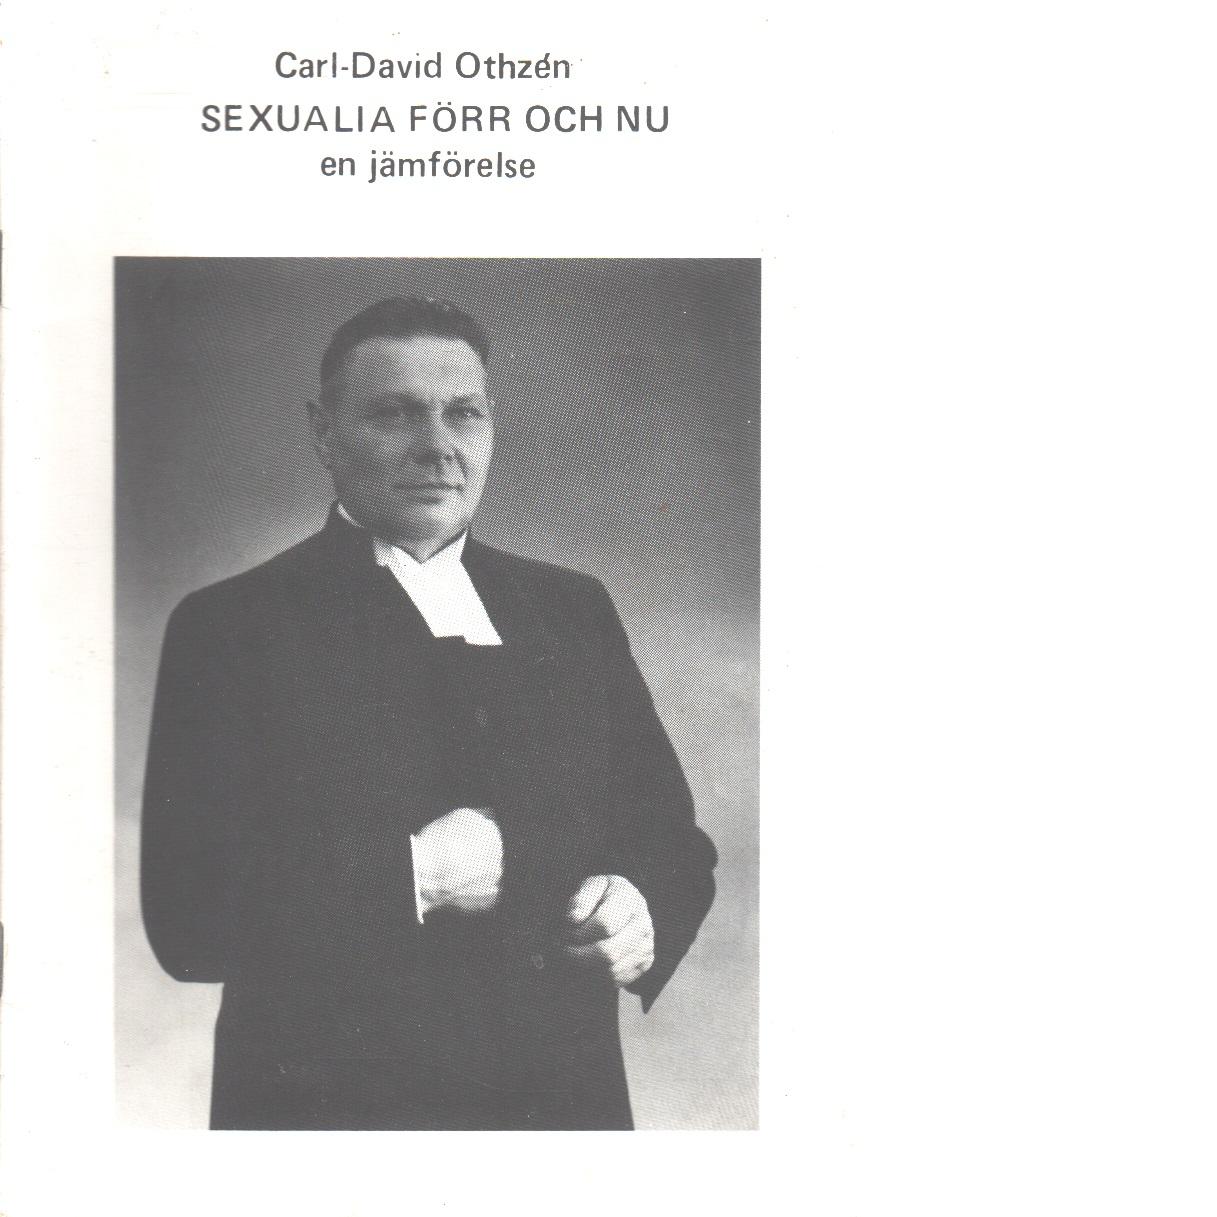 Sexualia förr och nu : en jämförelse - Othzén, Carl-david